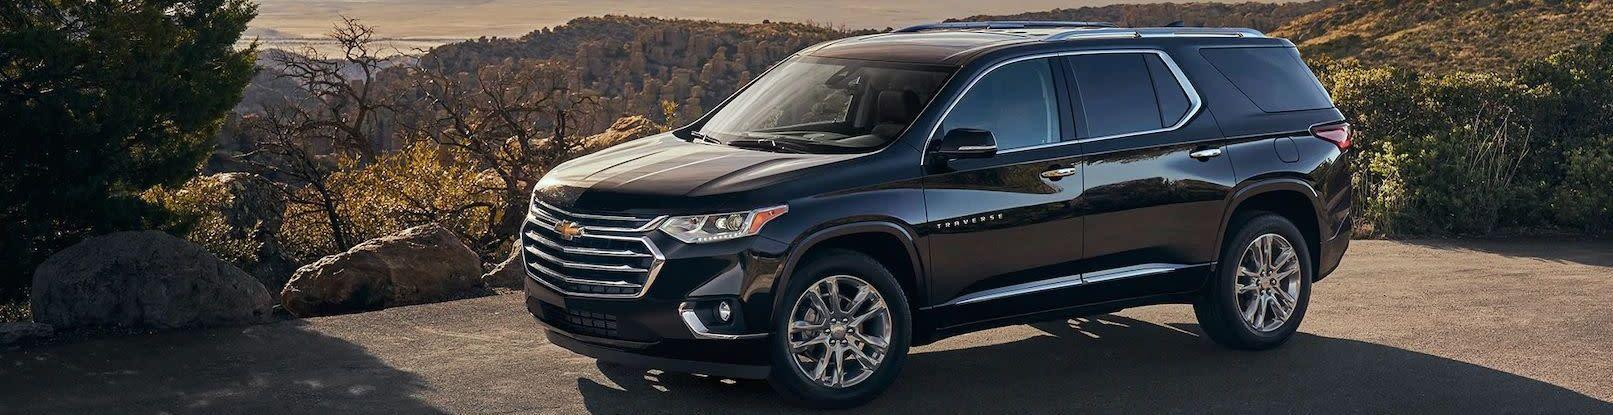 2019 Chevrolet Traverse Leasing near Oak Lawn, IL